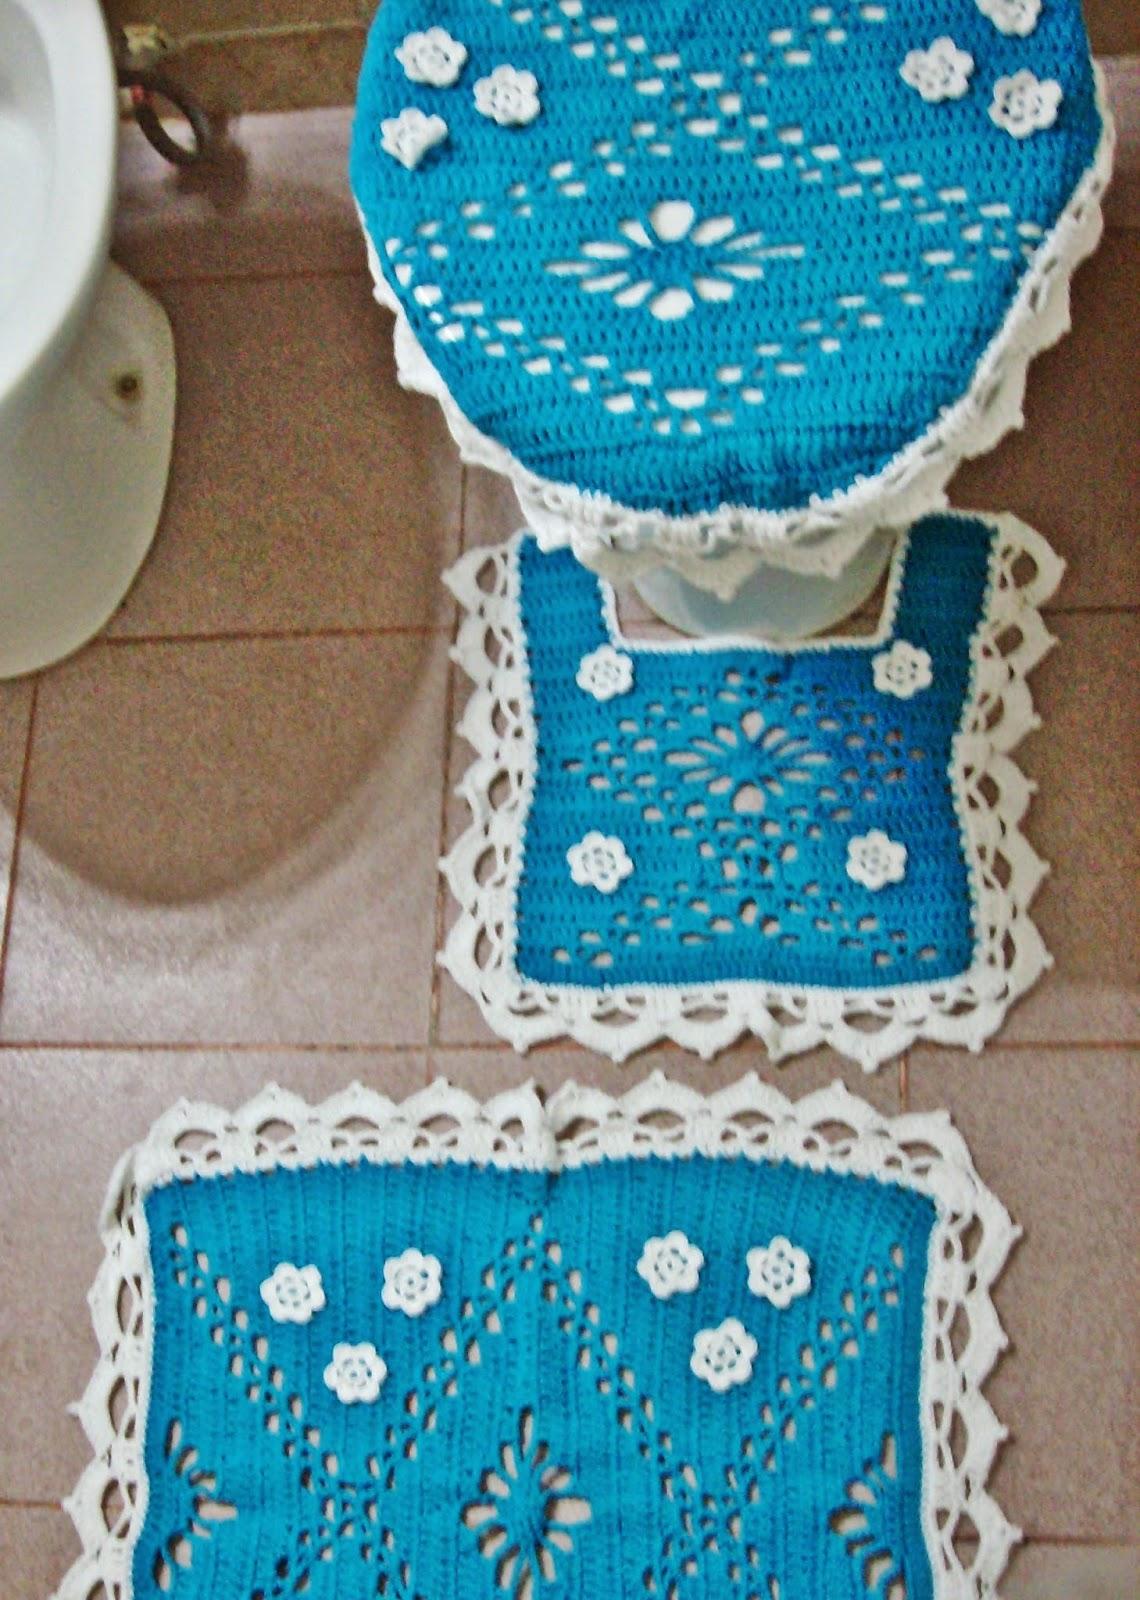 Juegos De Baño A Gancho: Circulos- Trabajos tejidos a crochet- ganchillo: Juego de baño tejido